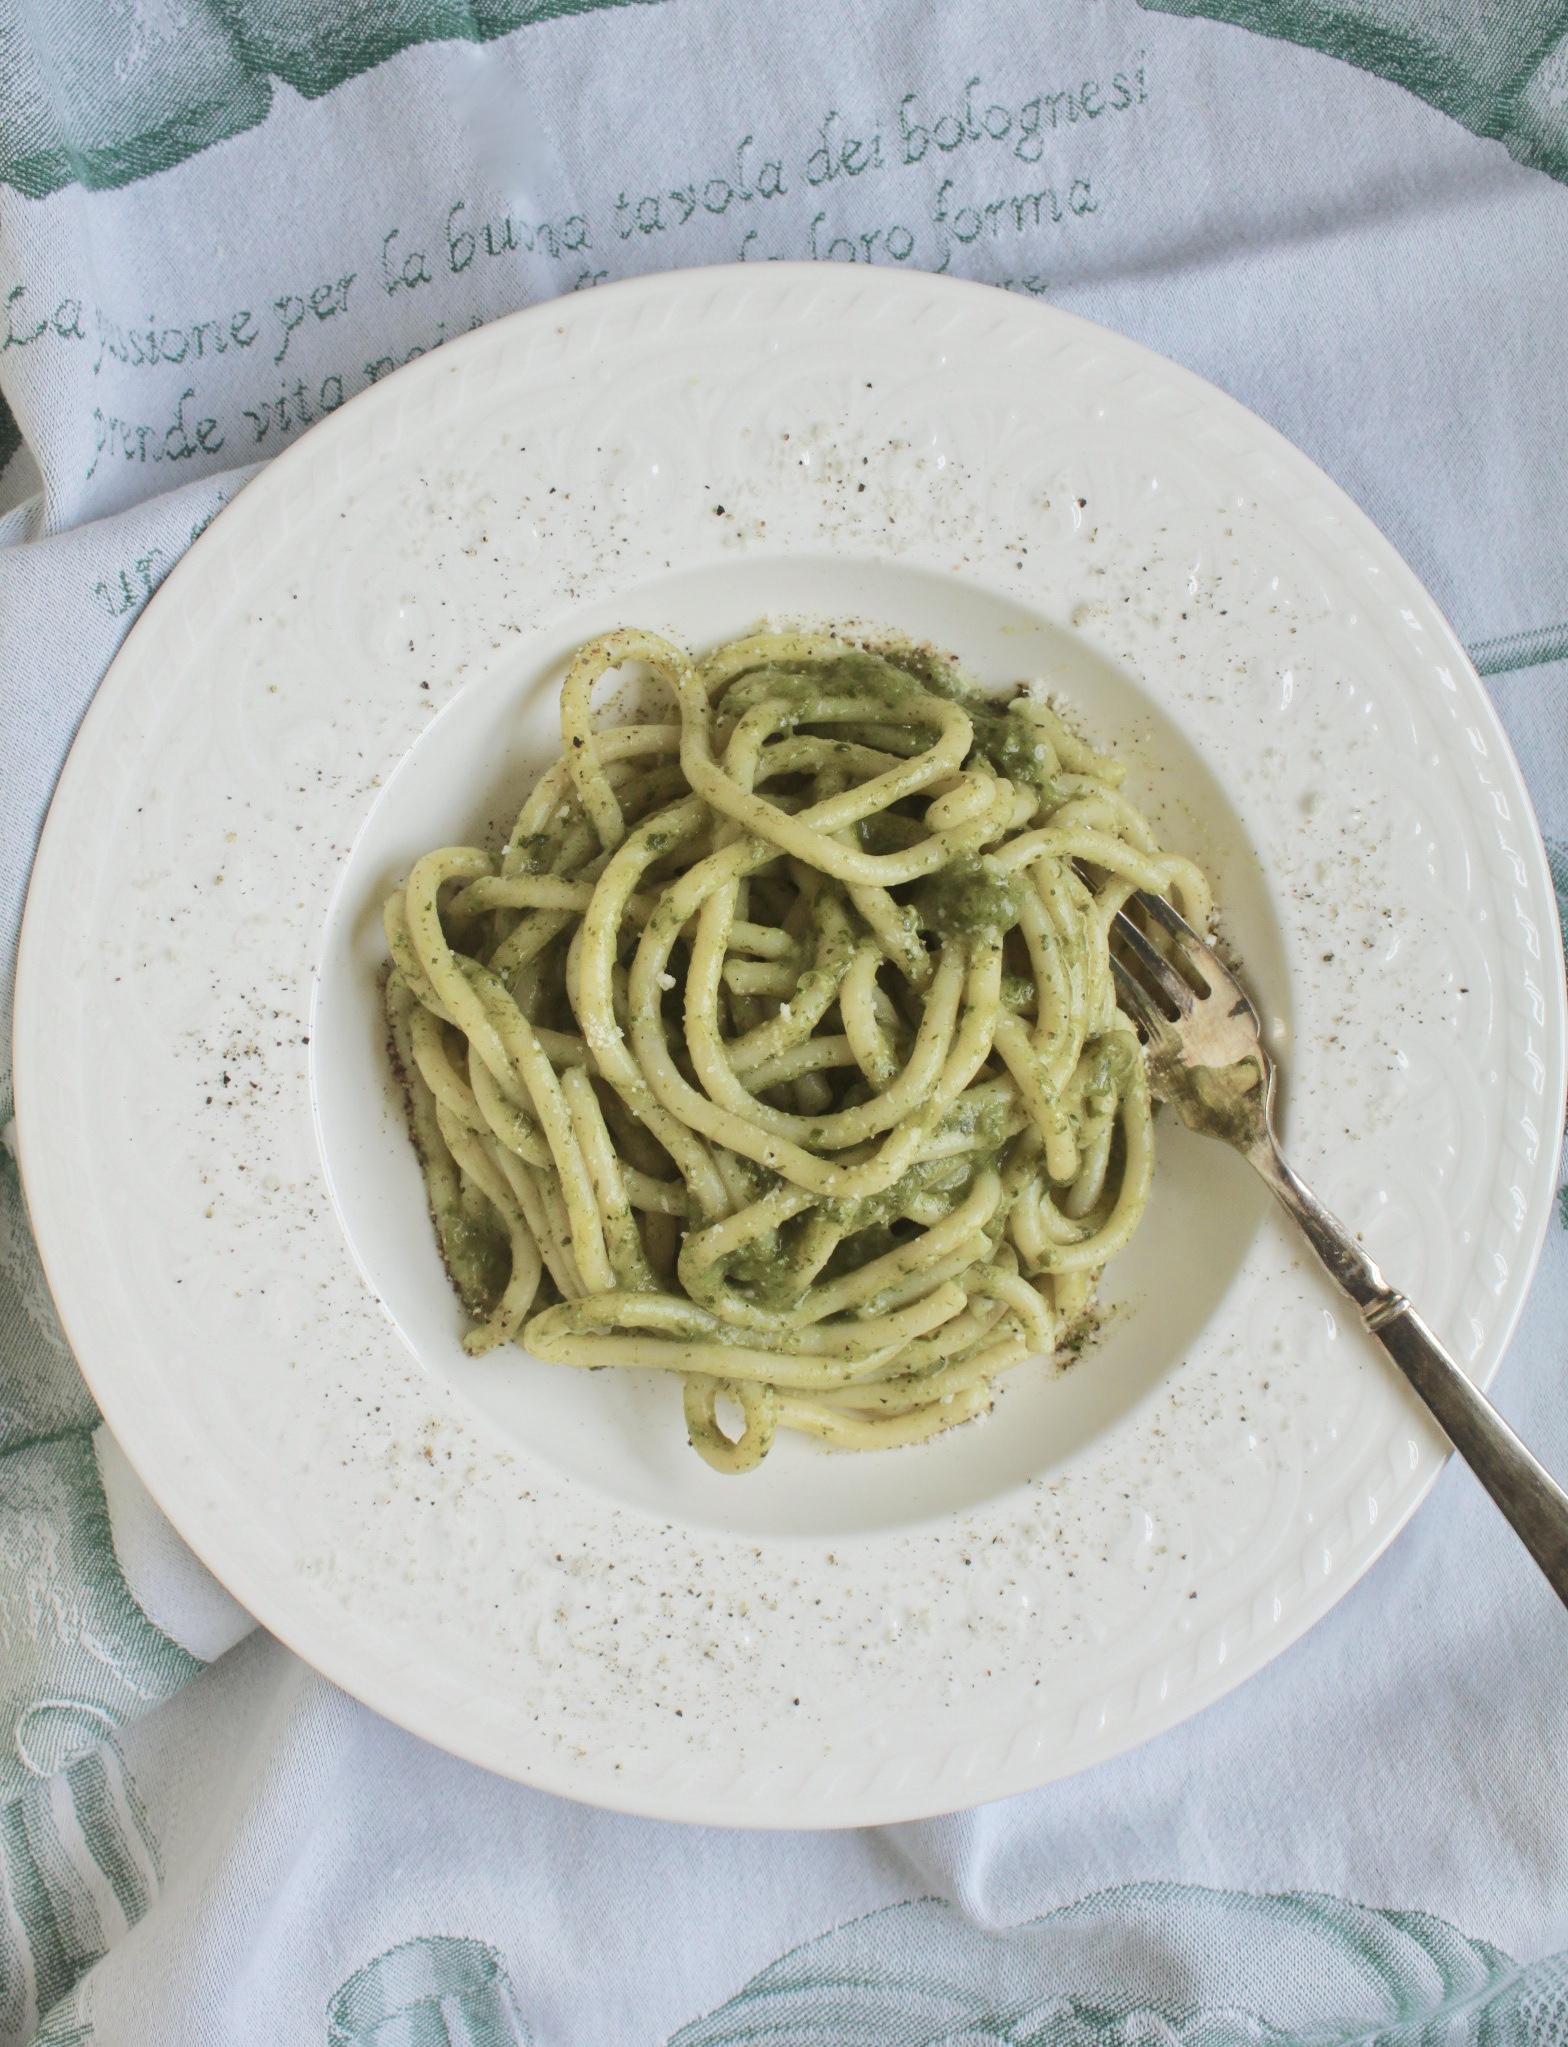 pasta cacio e pepe with dandelion